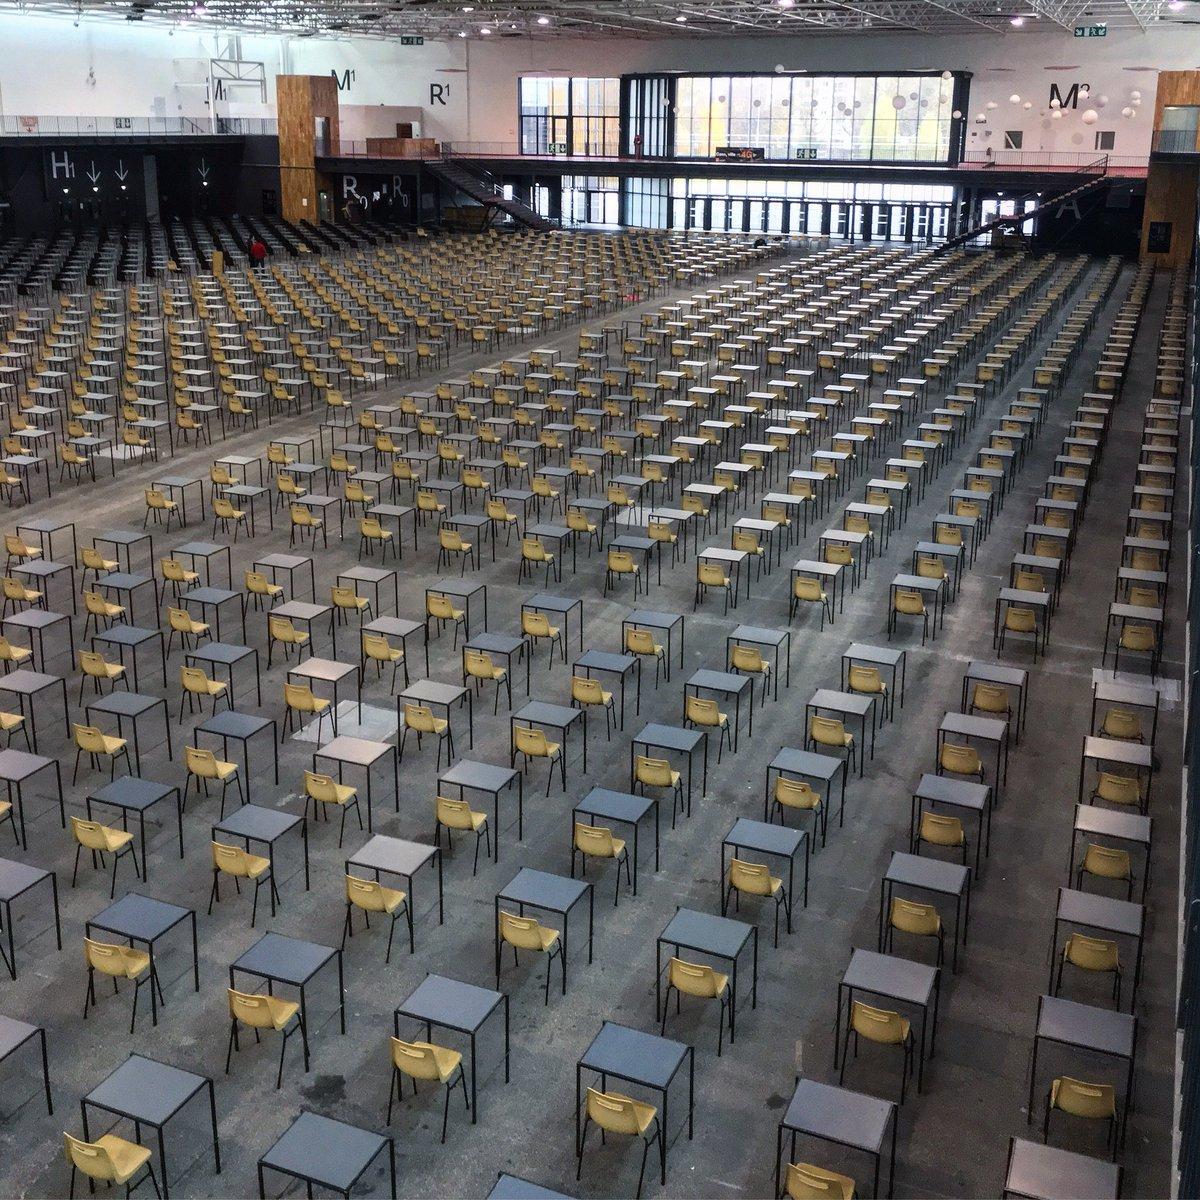 Plus de 1500 tables et chaises installées dans le #ParcExpoCaen pour les #concours de #médecine #PACES et #orthophonie https://t.co/kR9uGv21dJ